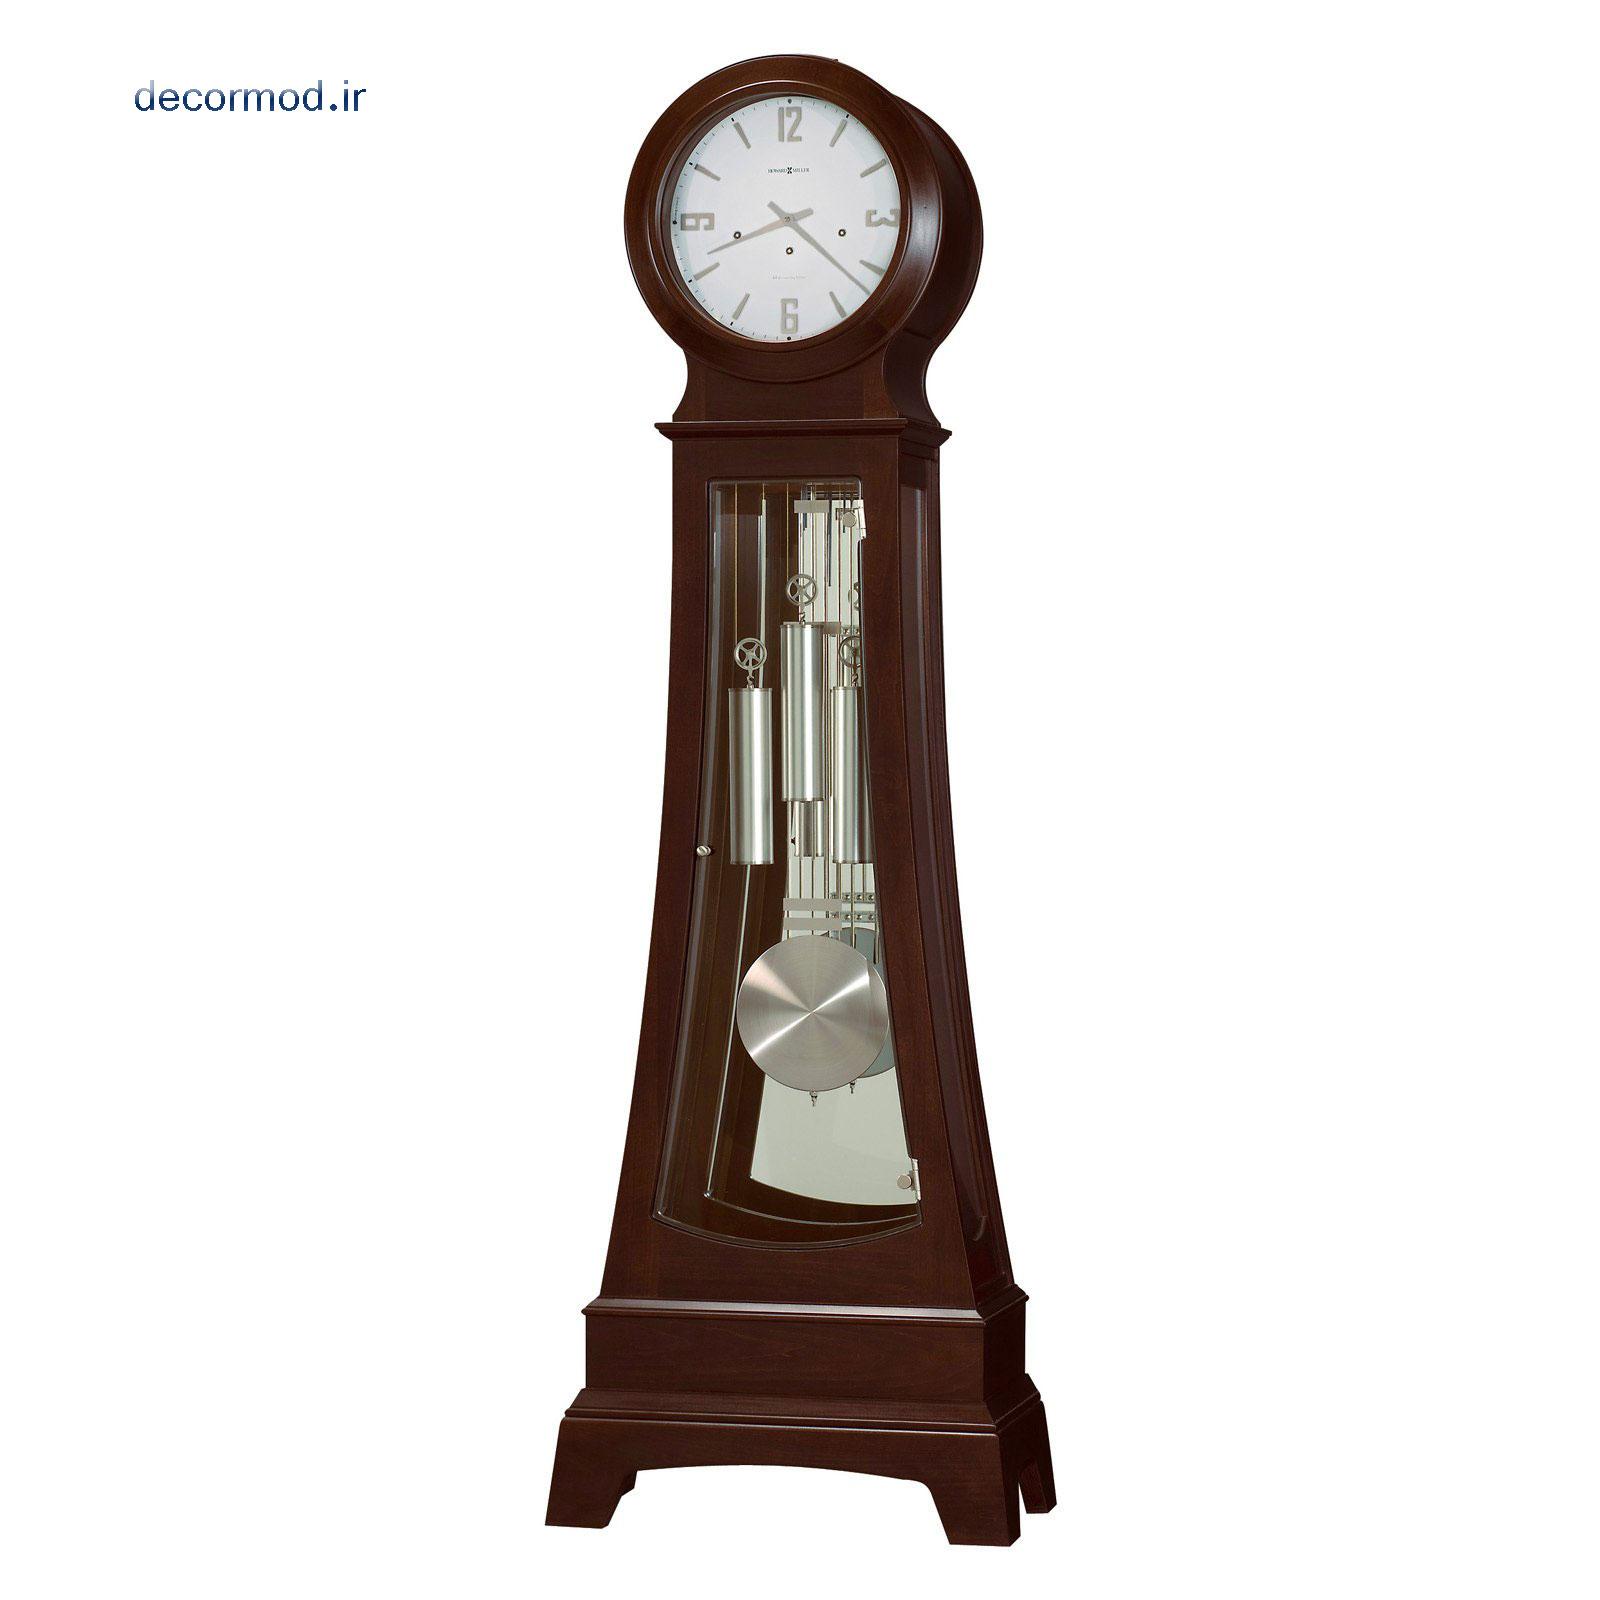 ساعت ایستاده جدید 2662